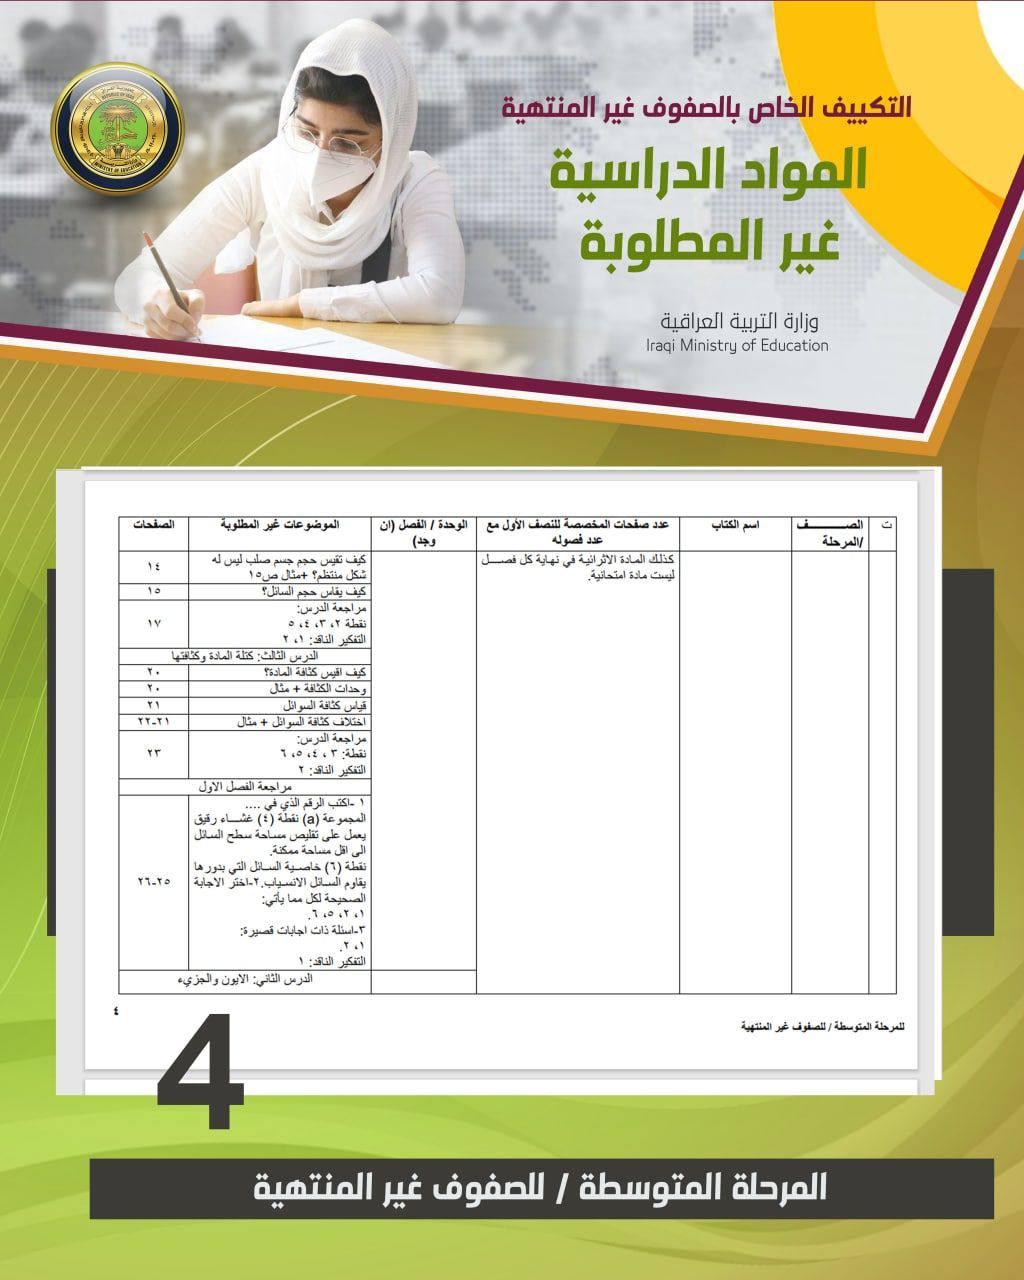 وزارة التربية تنشر تكييف منهاج المراحل غير المنتهية / الدراسة المتوسطة